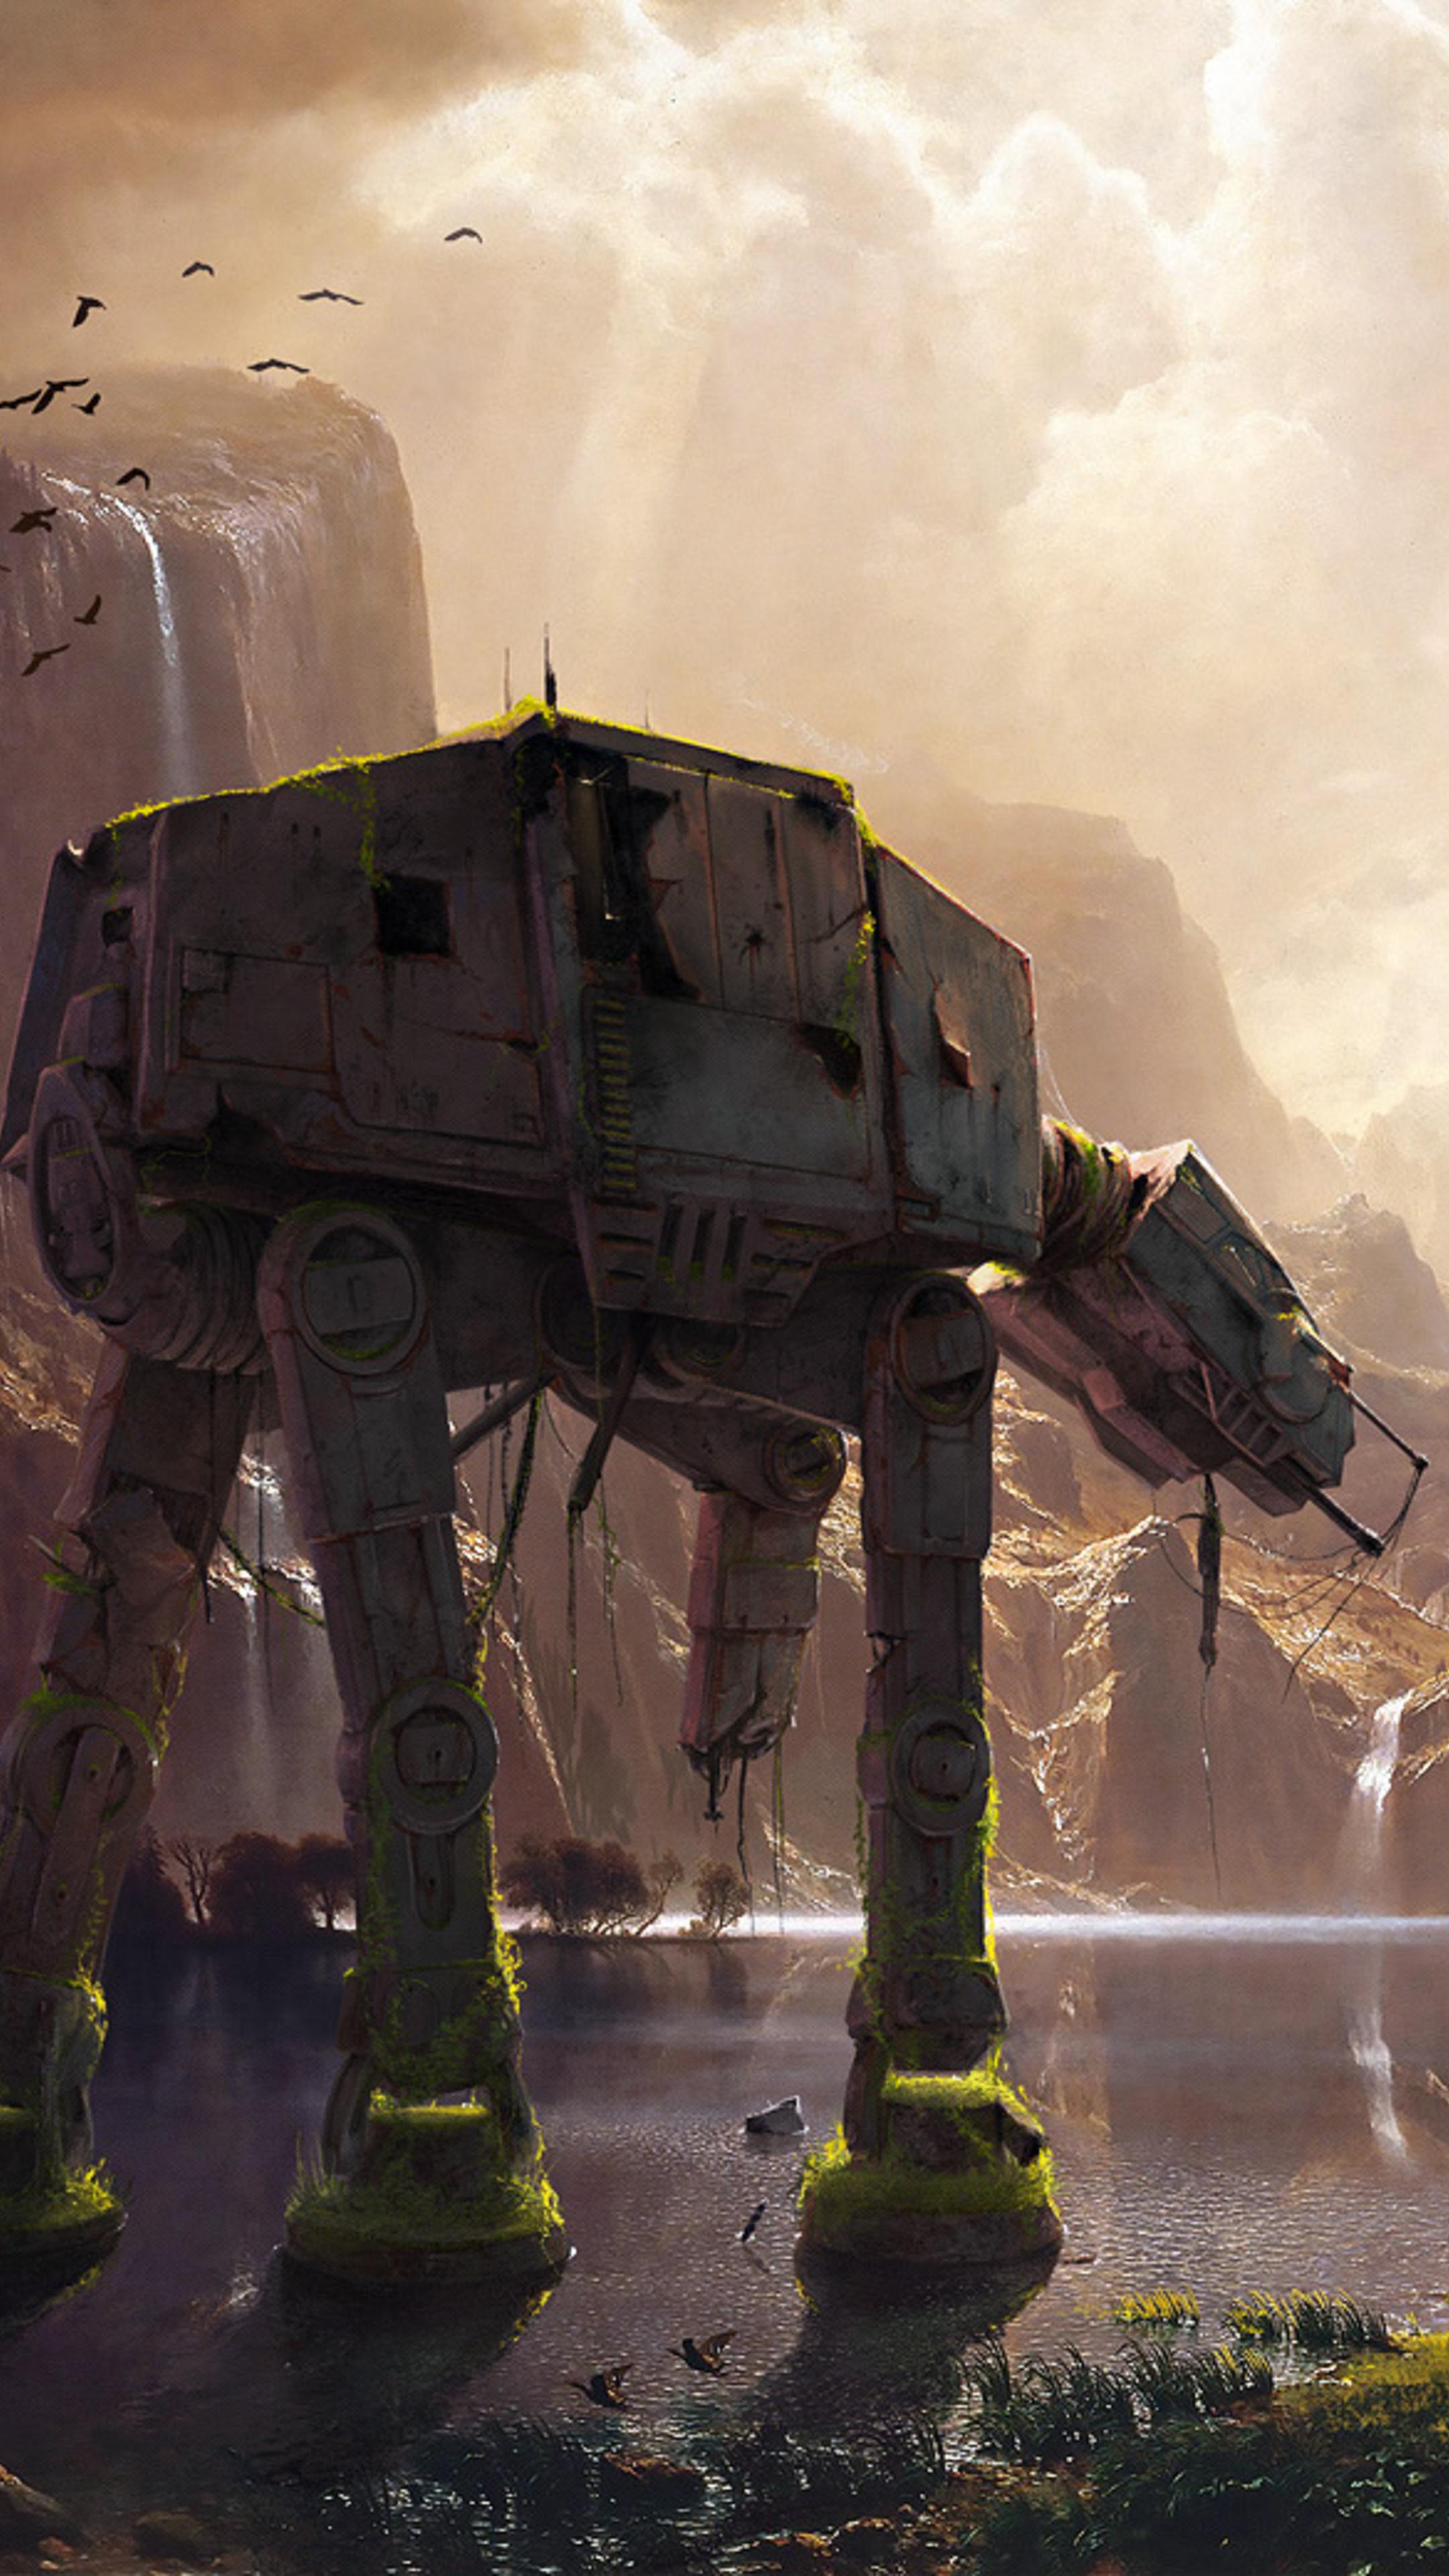 2160x3840 at at walker star wars artwork sony xperia x xz - Art wallpaper 2160x3840 ...